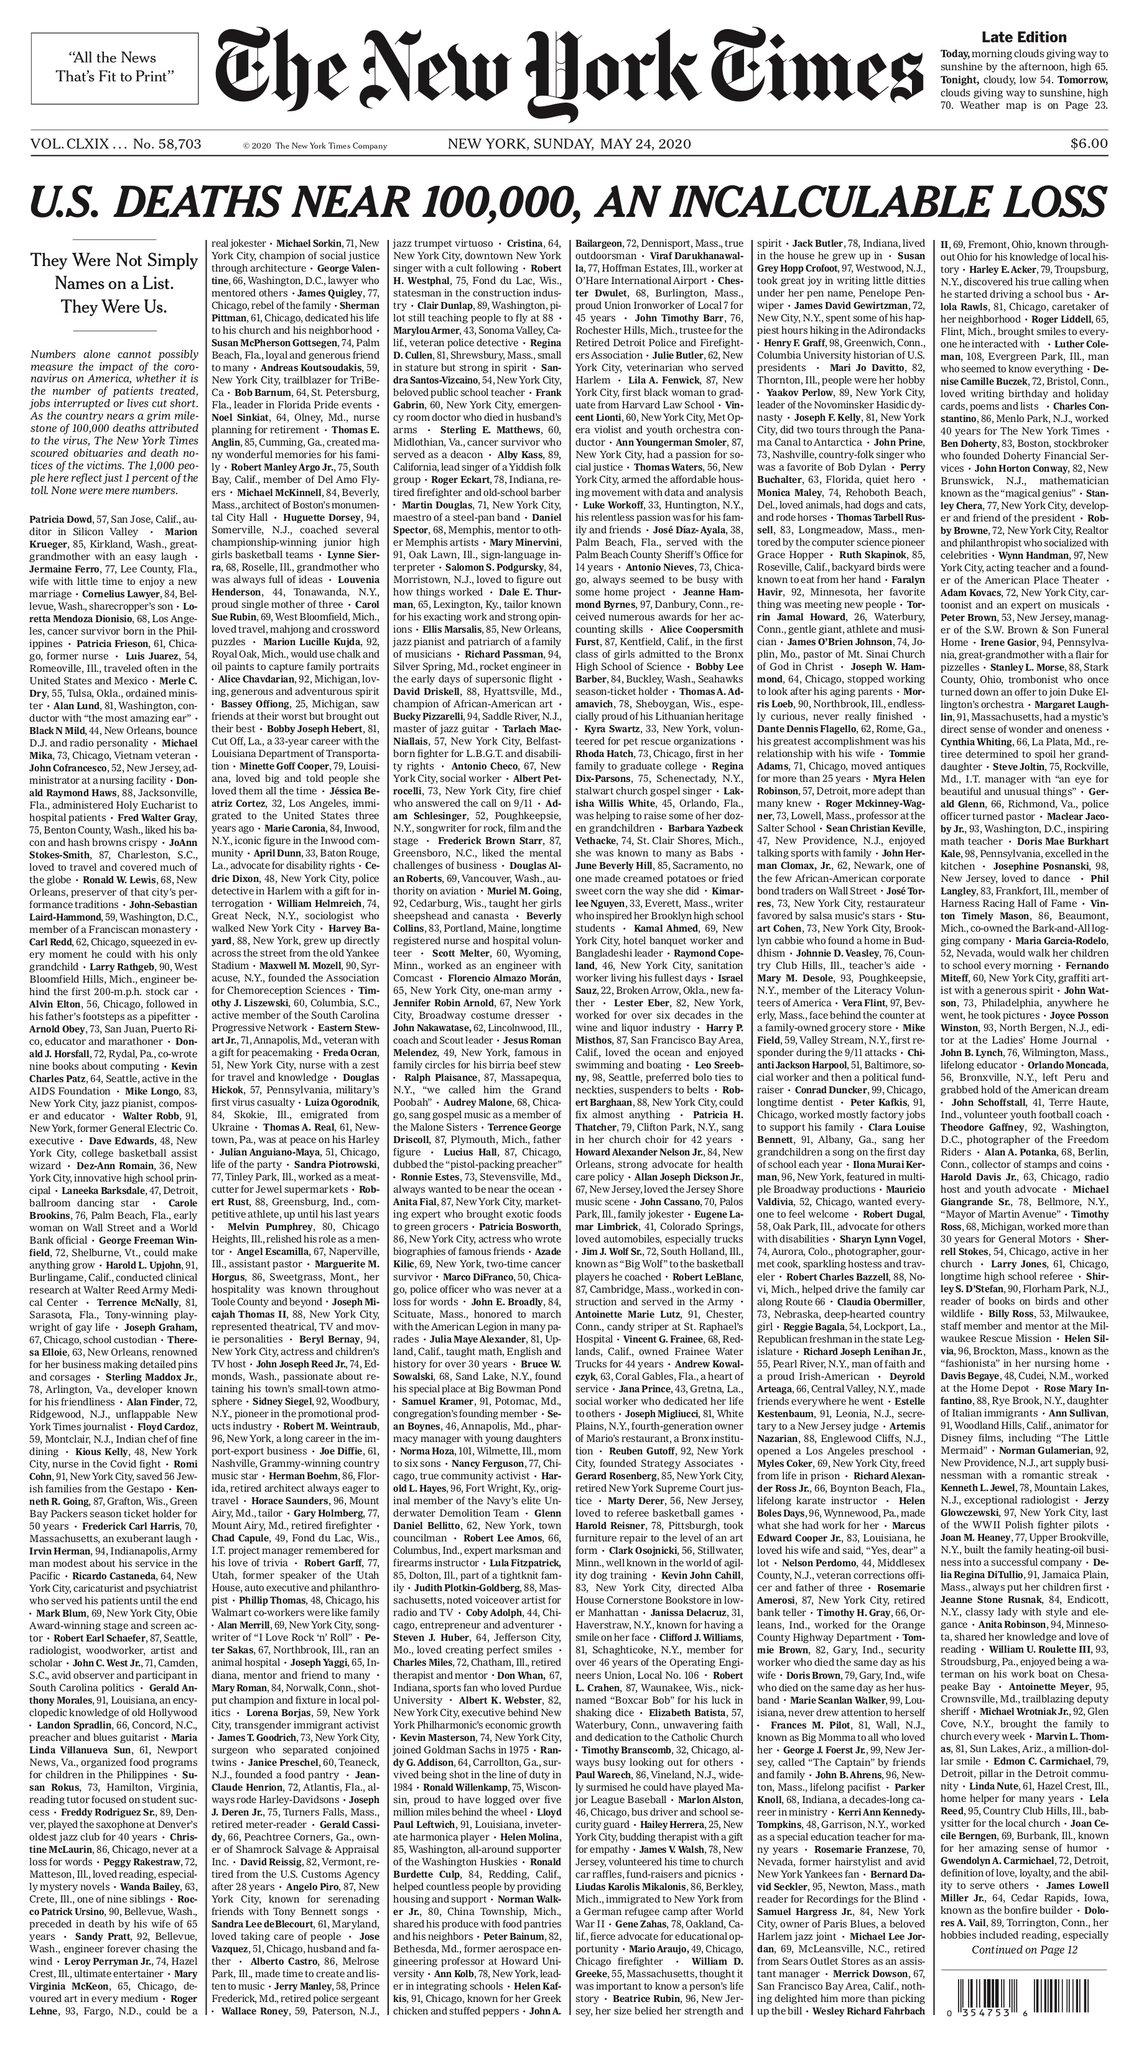 nyt-front-page-05-24-20-superjumbo-v2.jpg